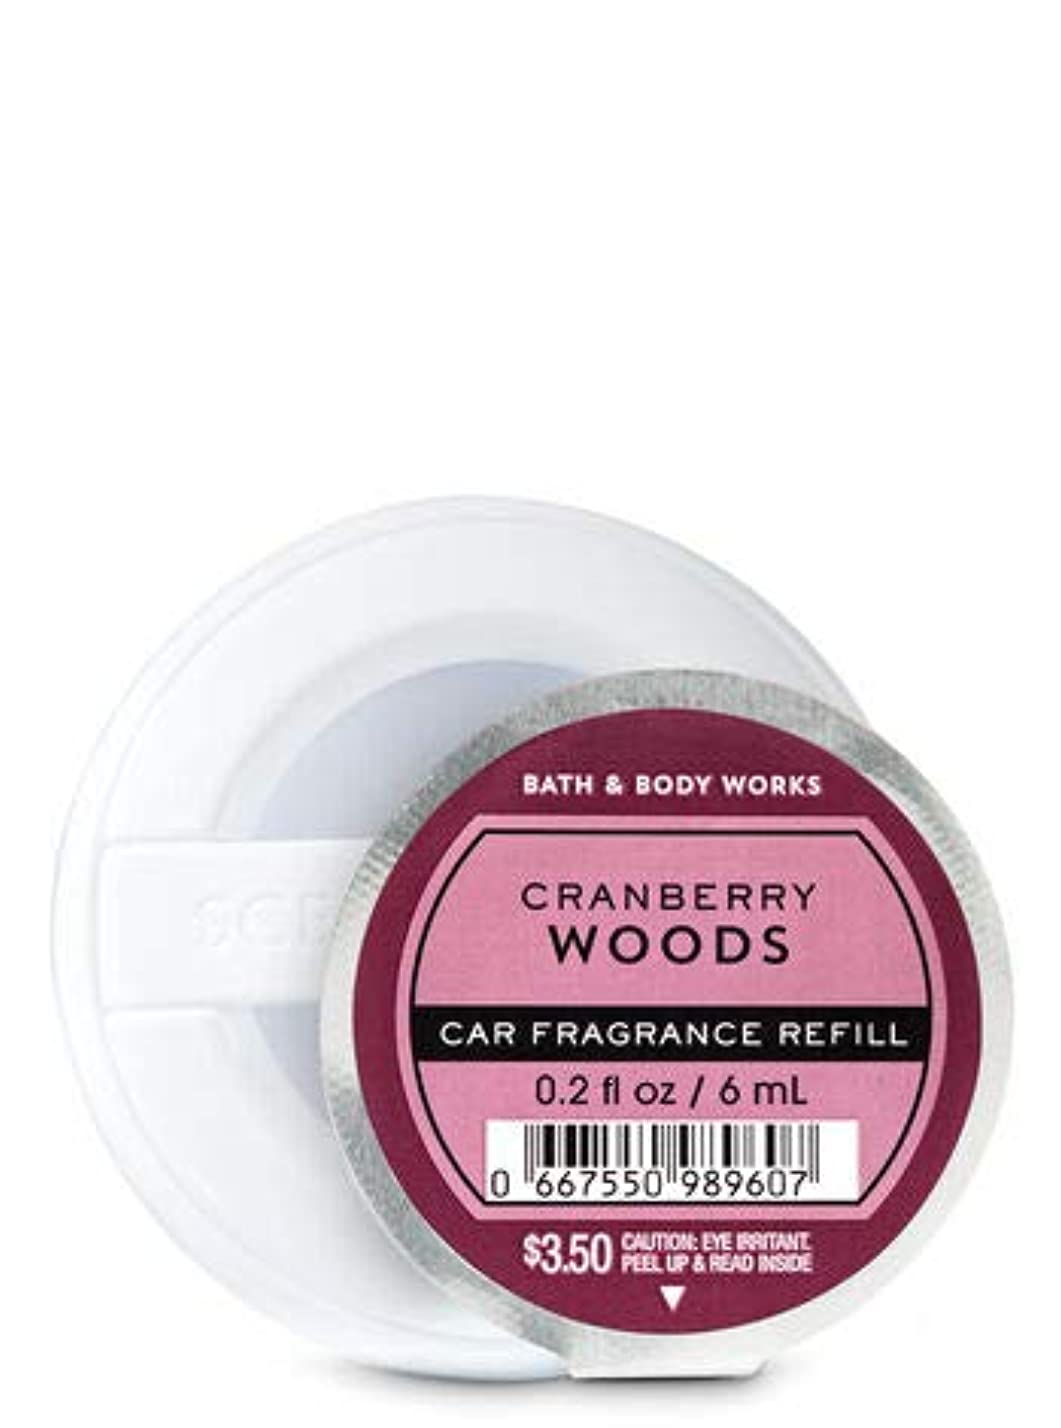 十代の若者たち戸口略語【Bath&Body Works/バス&ボディワークス】 クリップ式芳香剤 セントポータブル詰替えリフィル クランベリーウッズ Scentportable Fragrance Refill Cranberry Woods [並行輸入品]